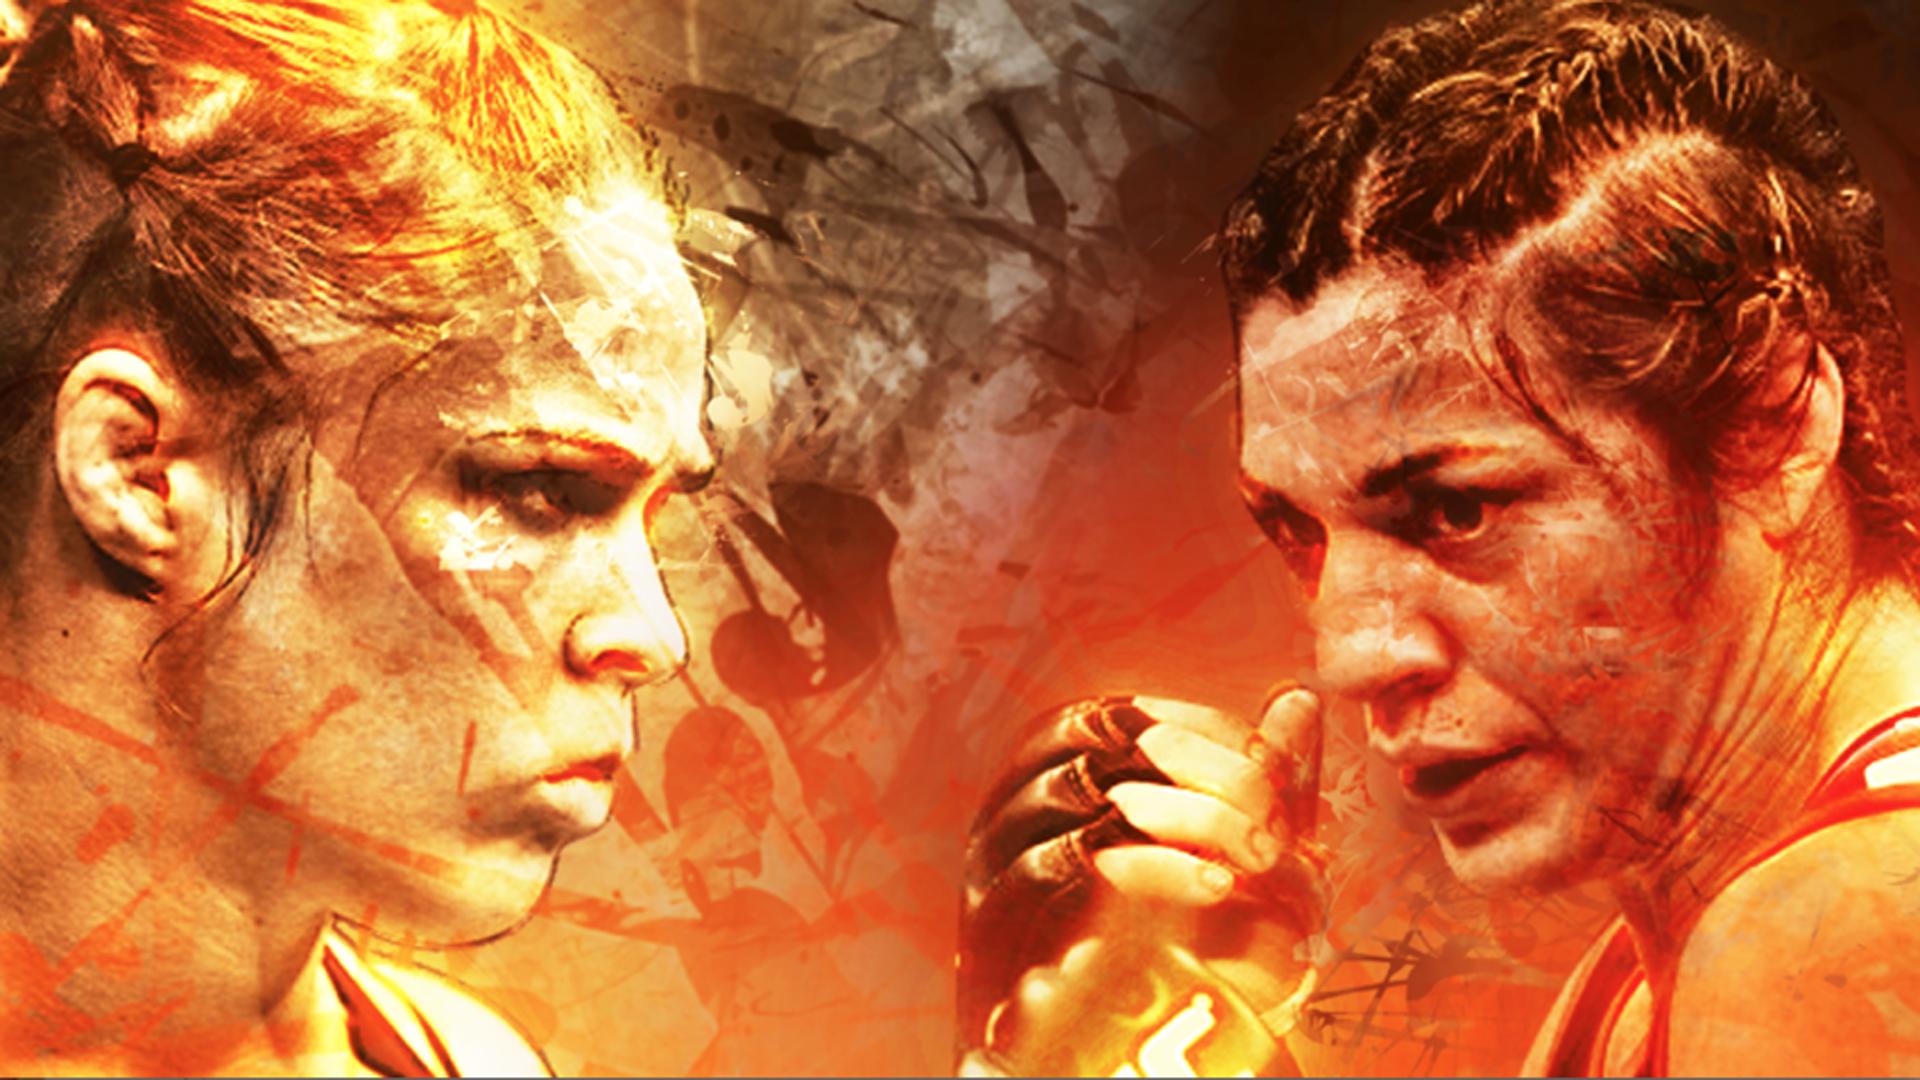 Ronda-Rousey-UFC-190-Correia-073015-SN-ftr